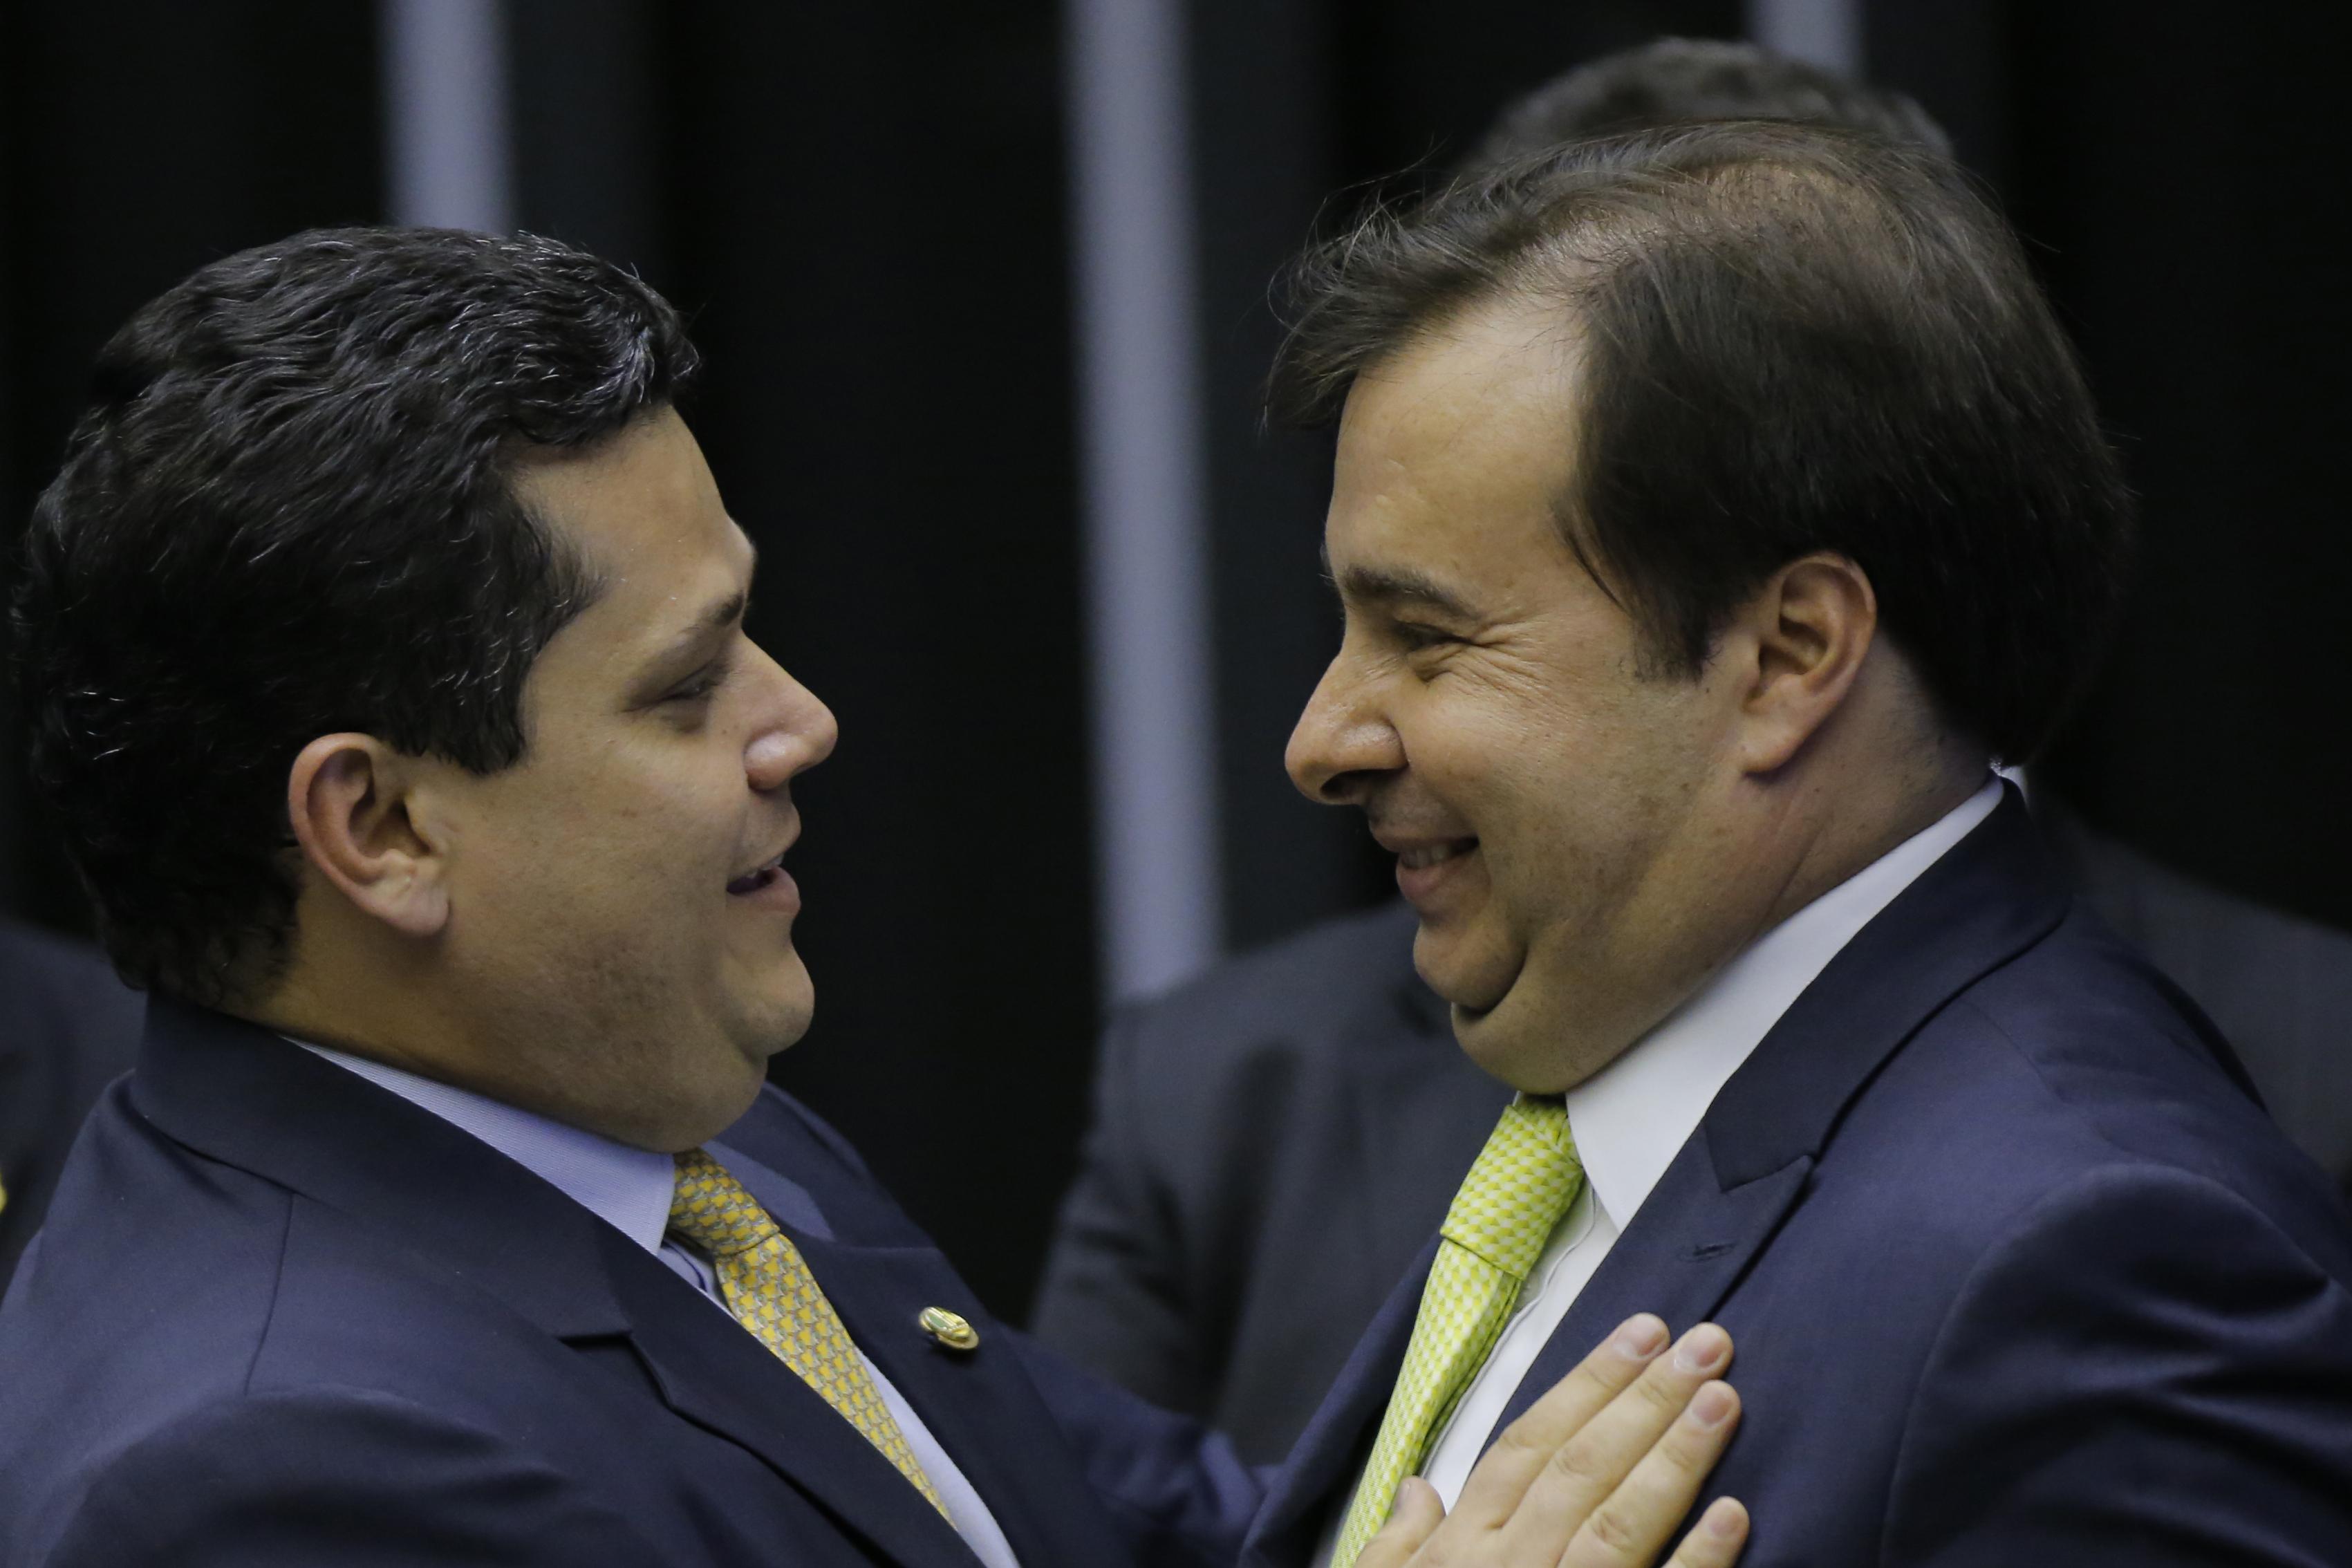 EXCLUSIVO: 'Grupo VIP' do Congresso direcionou 3,8 bilhões de verba extra do Ministério do Desenvolvimento Regional